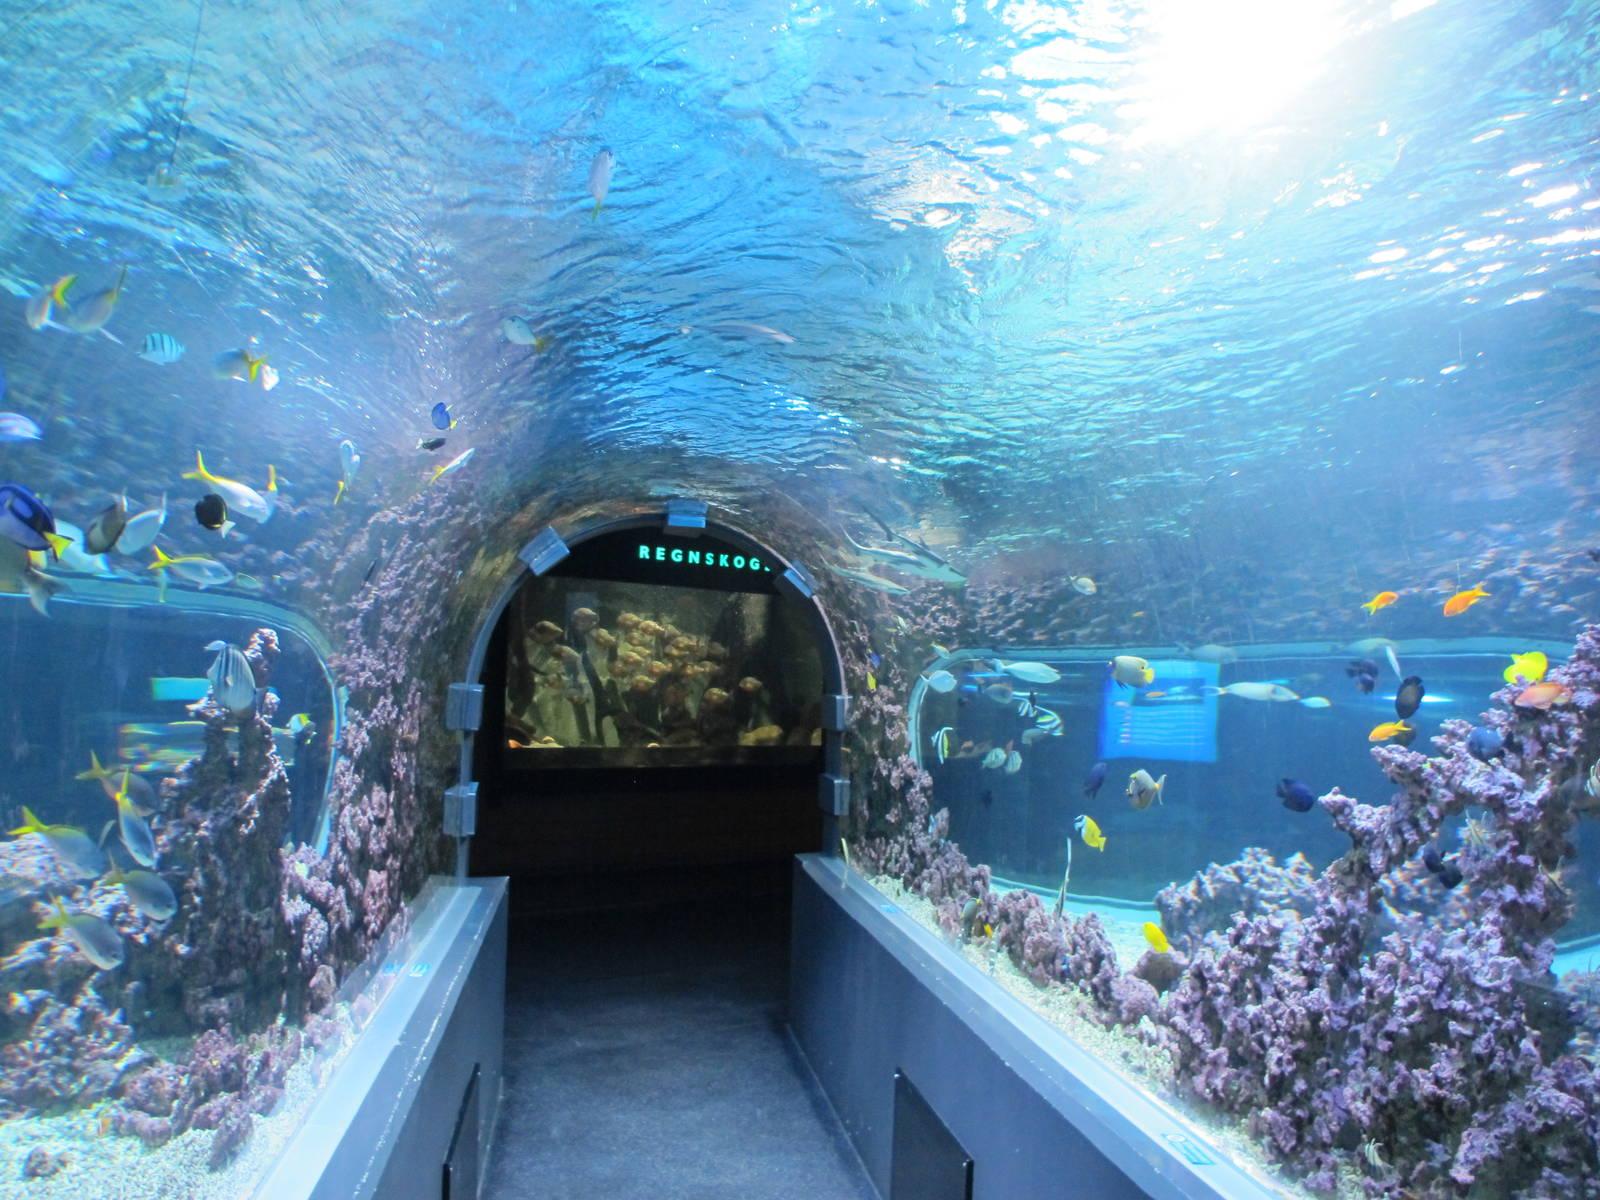 обитатели Бергенского аквариума